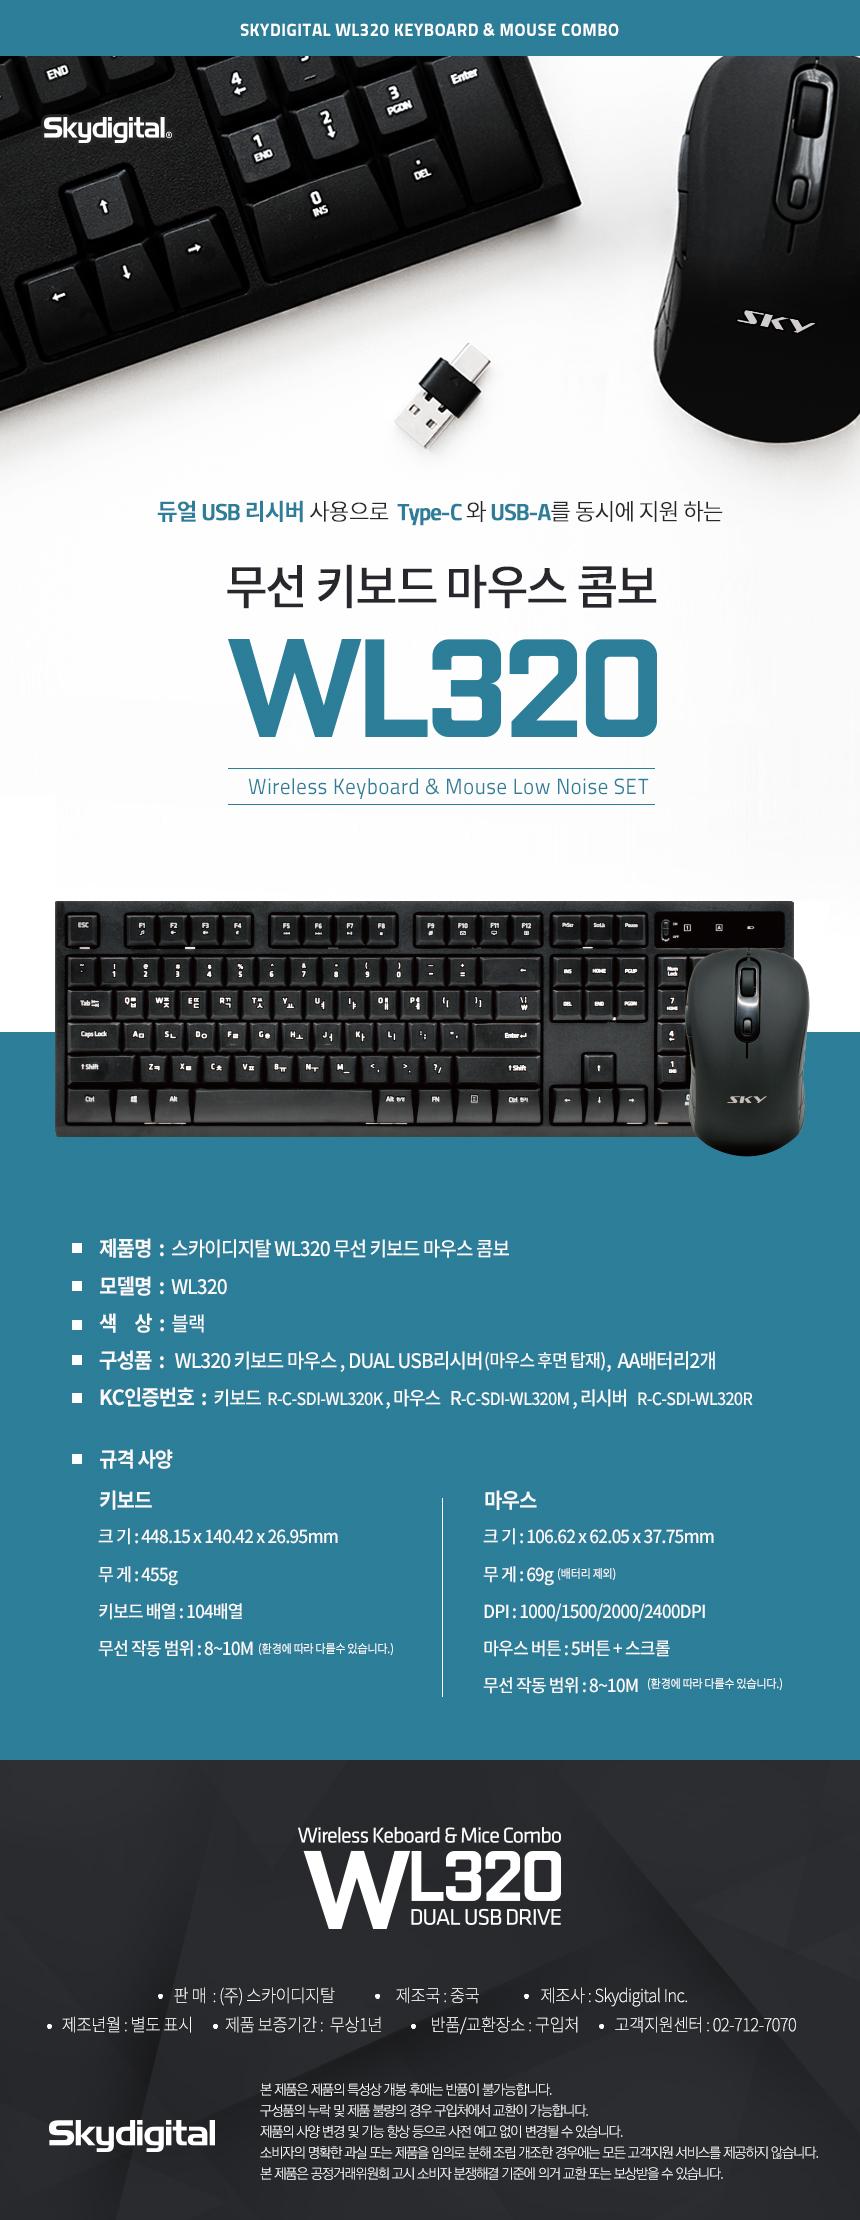 스카이디지탈 WL320 무선 키보드 마우스 콤보